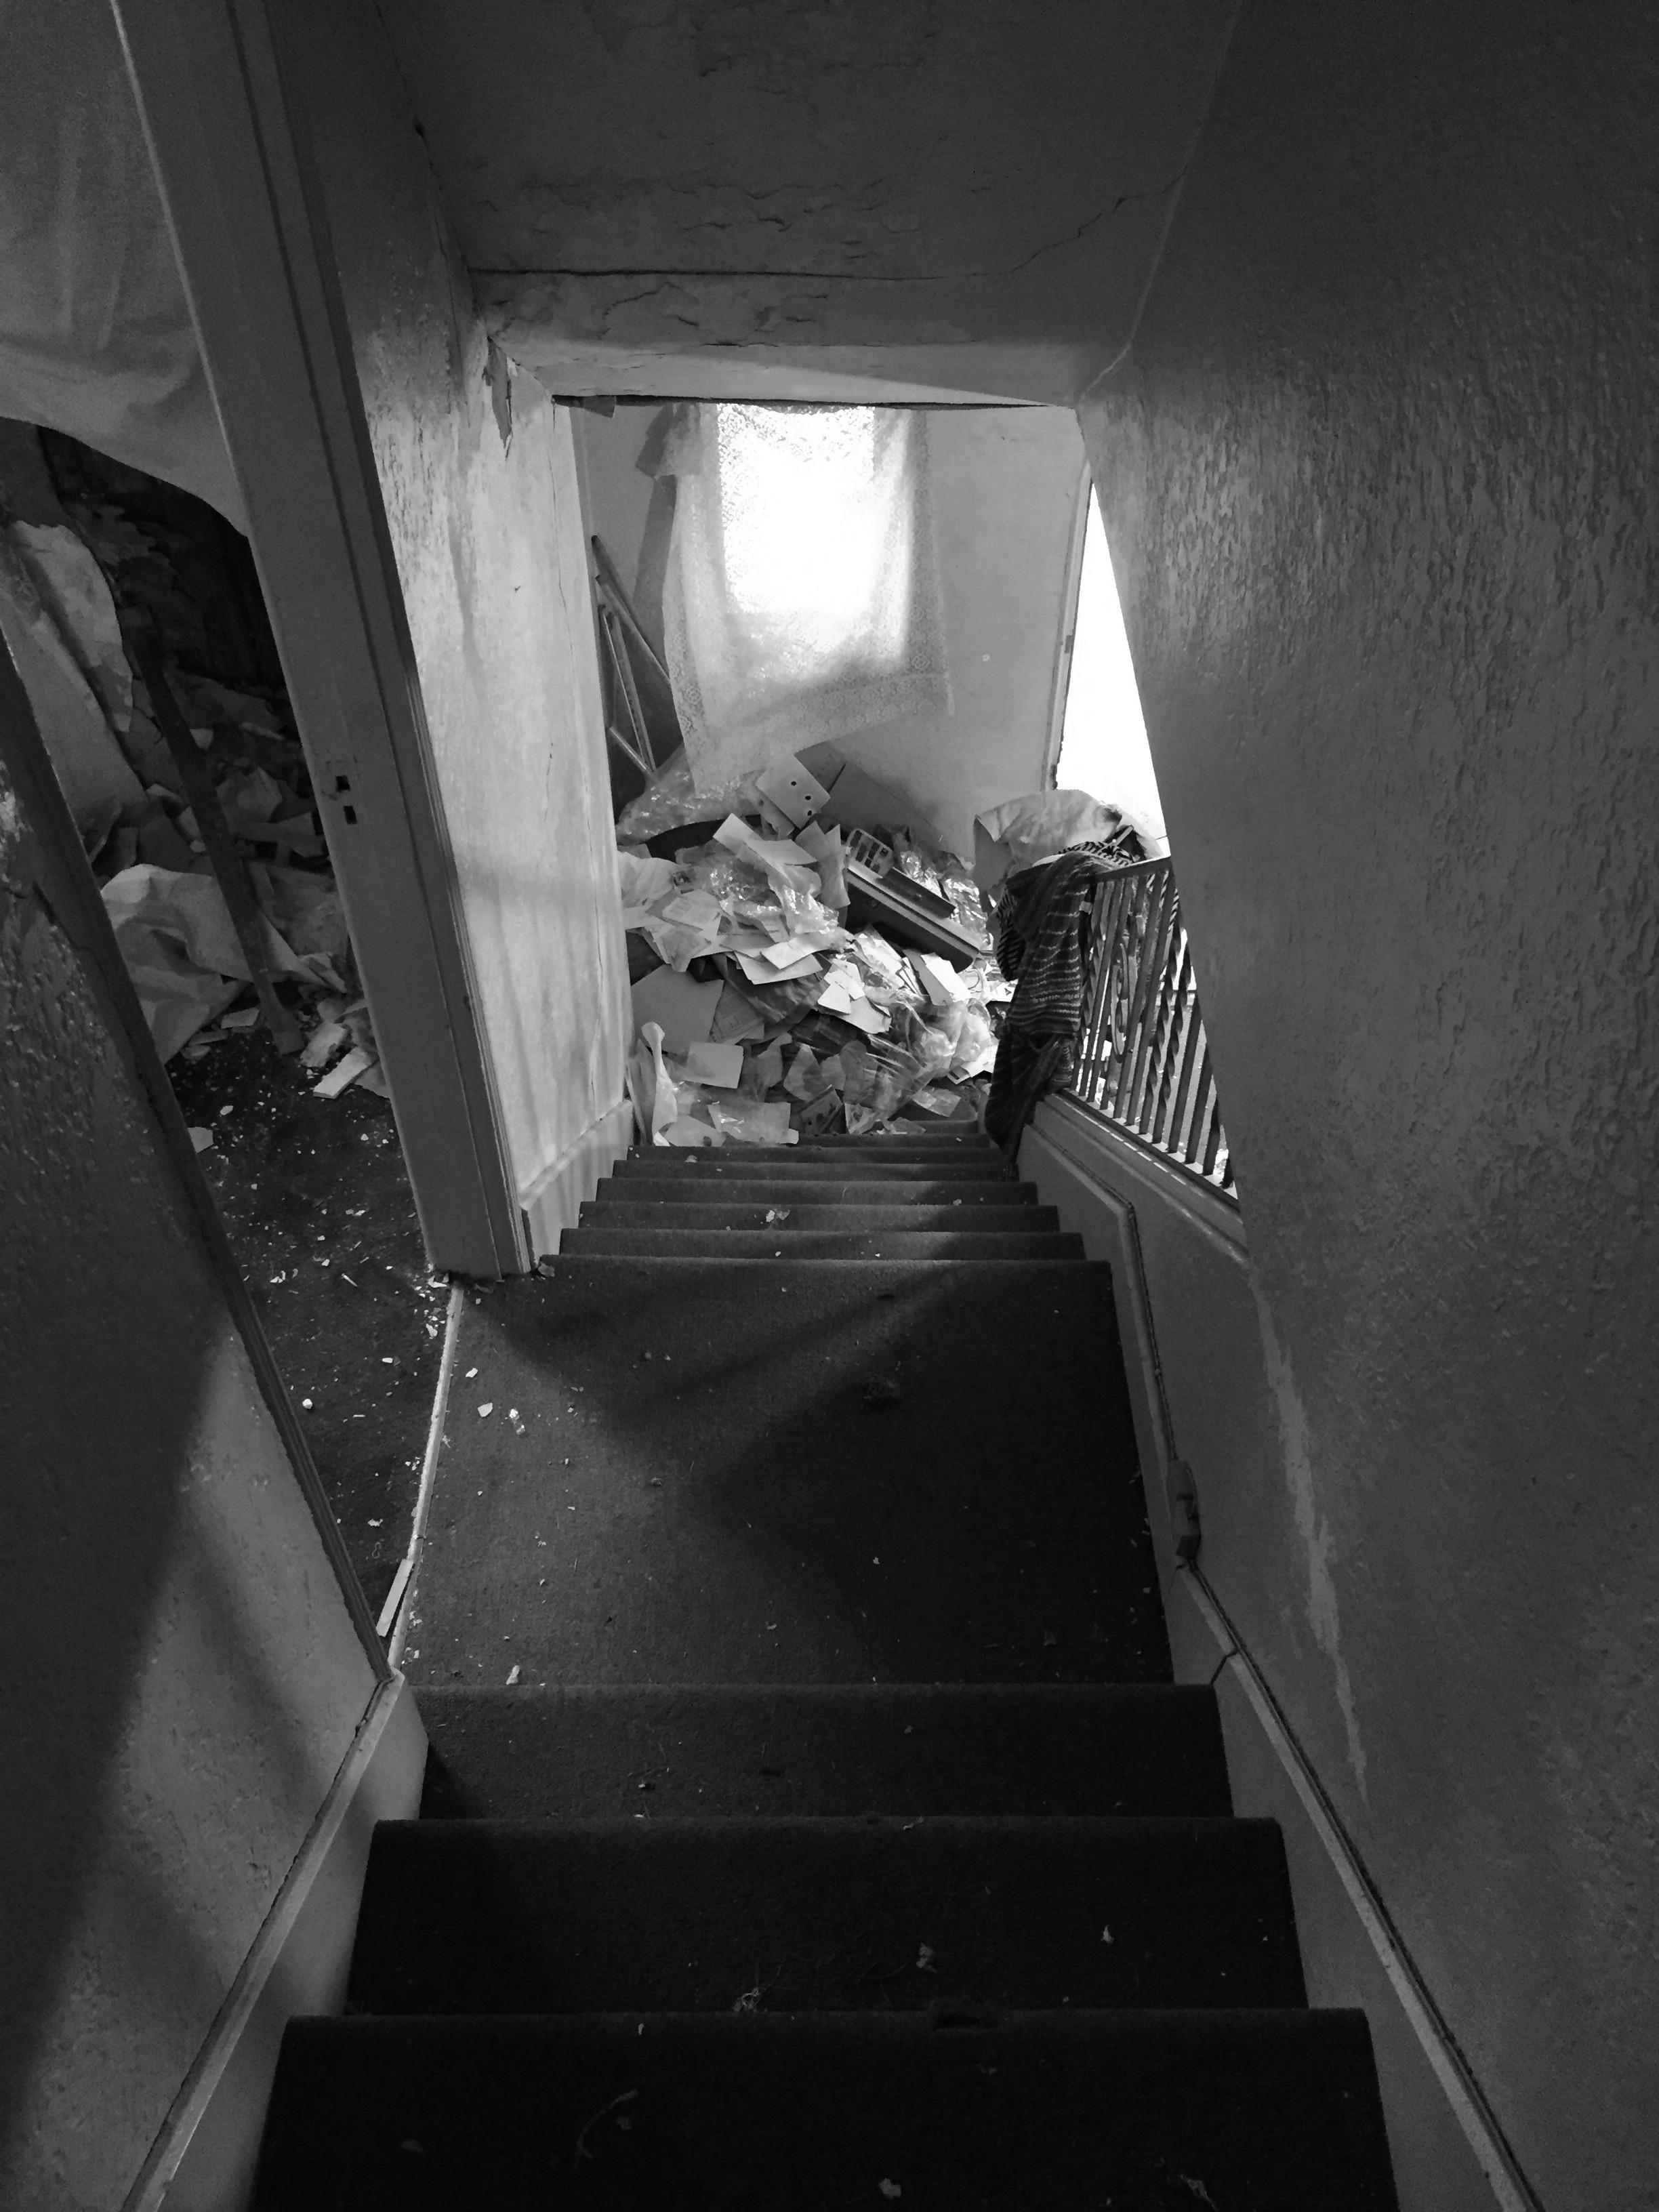 escalier n-b.jpg